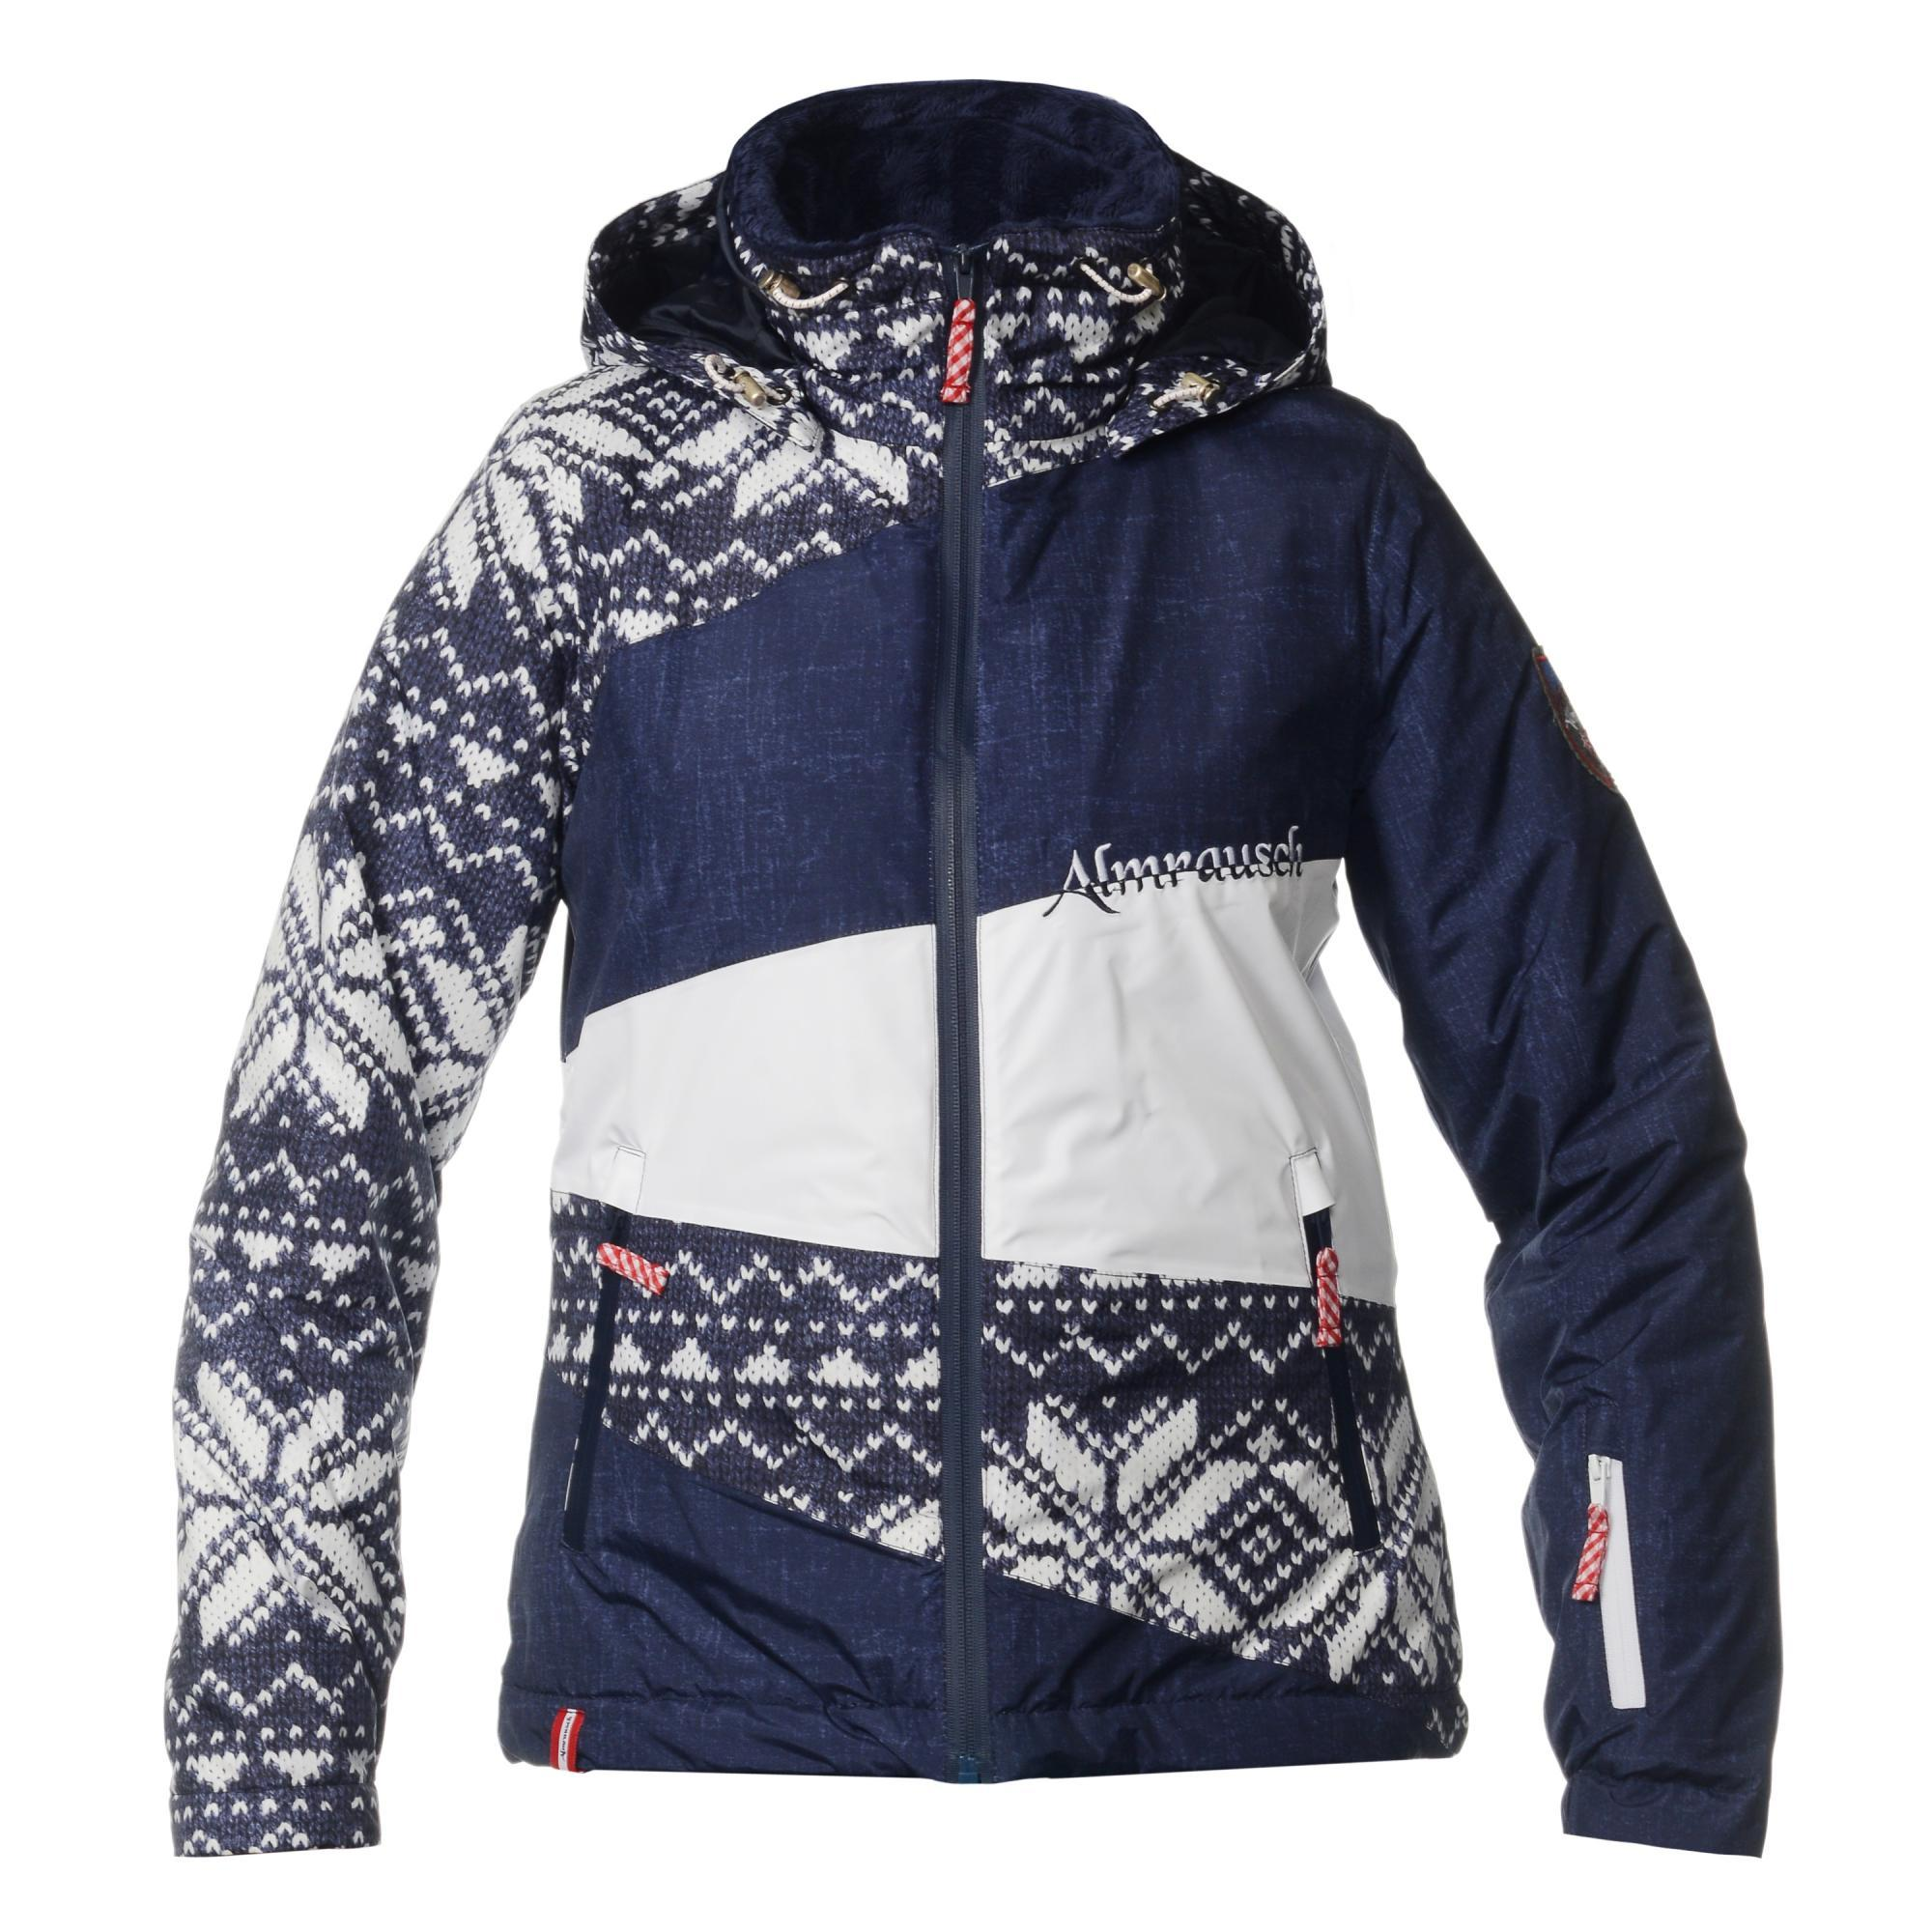 Женская горнолыжная куртка Almrausch Stams 320218-1818 синяя фото